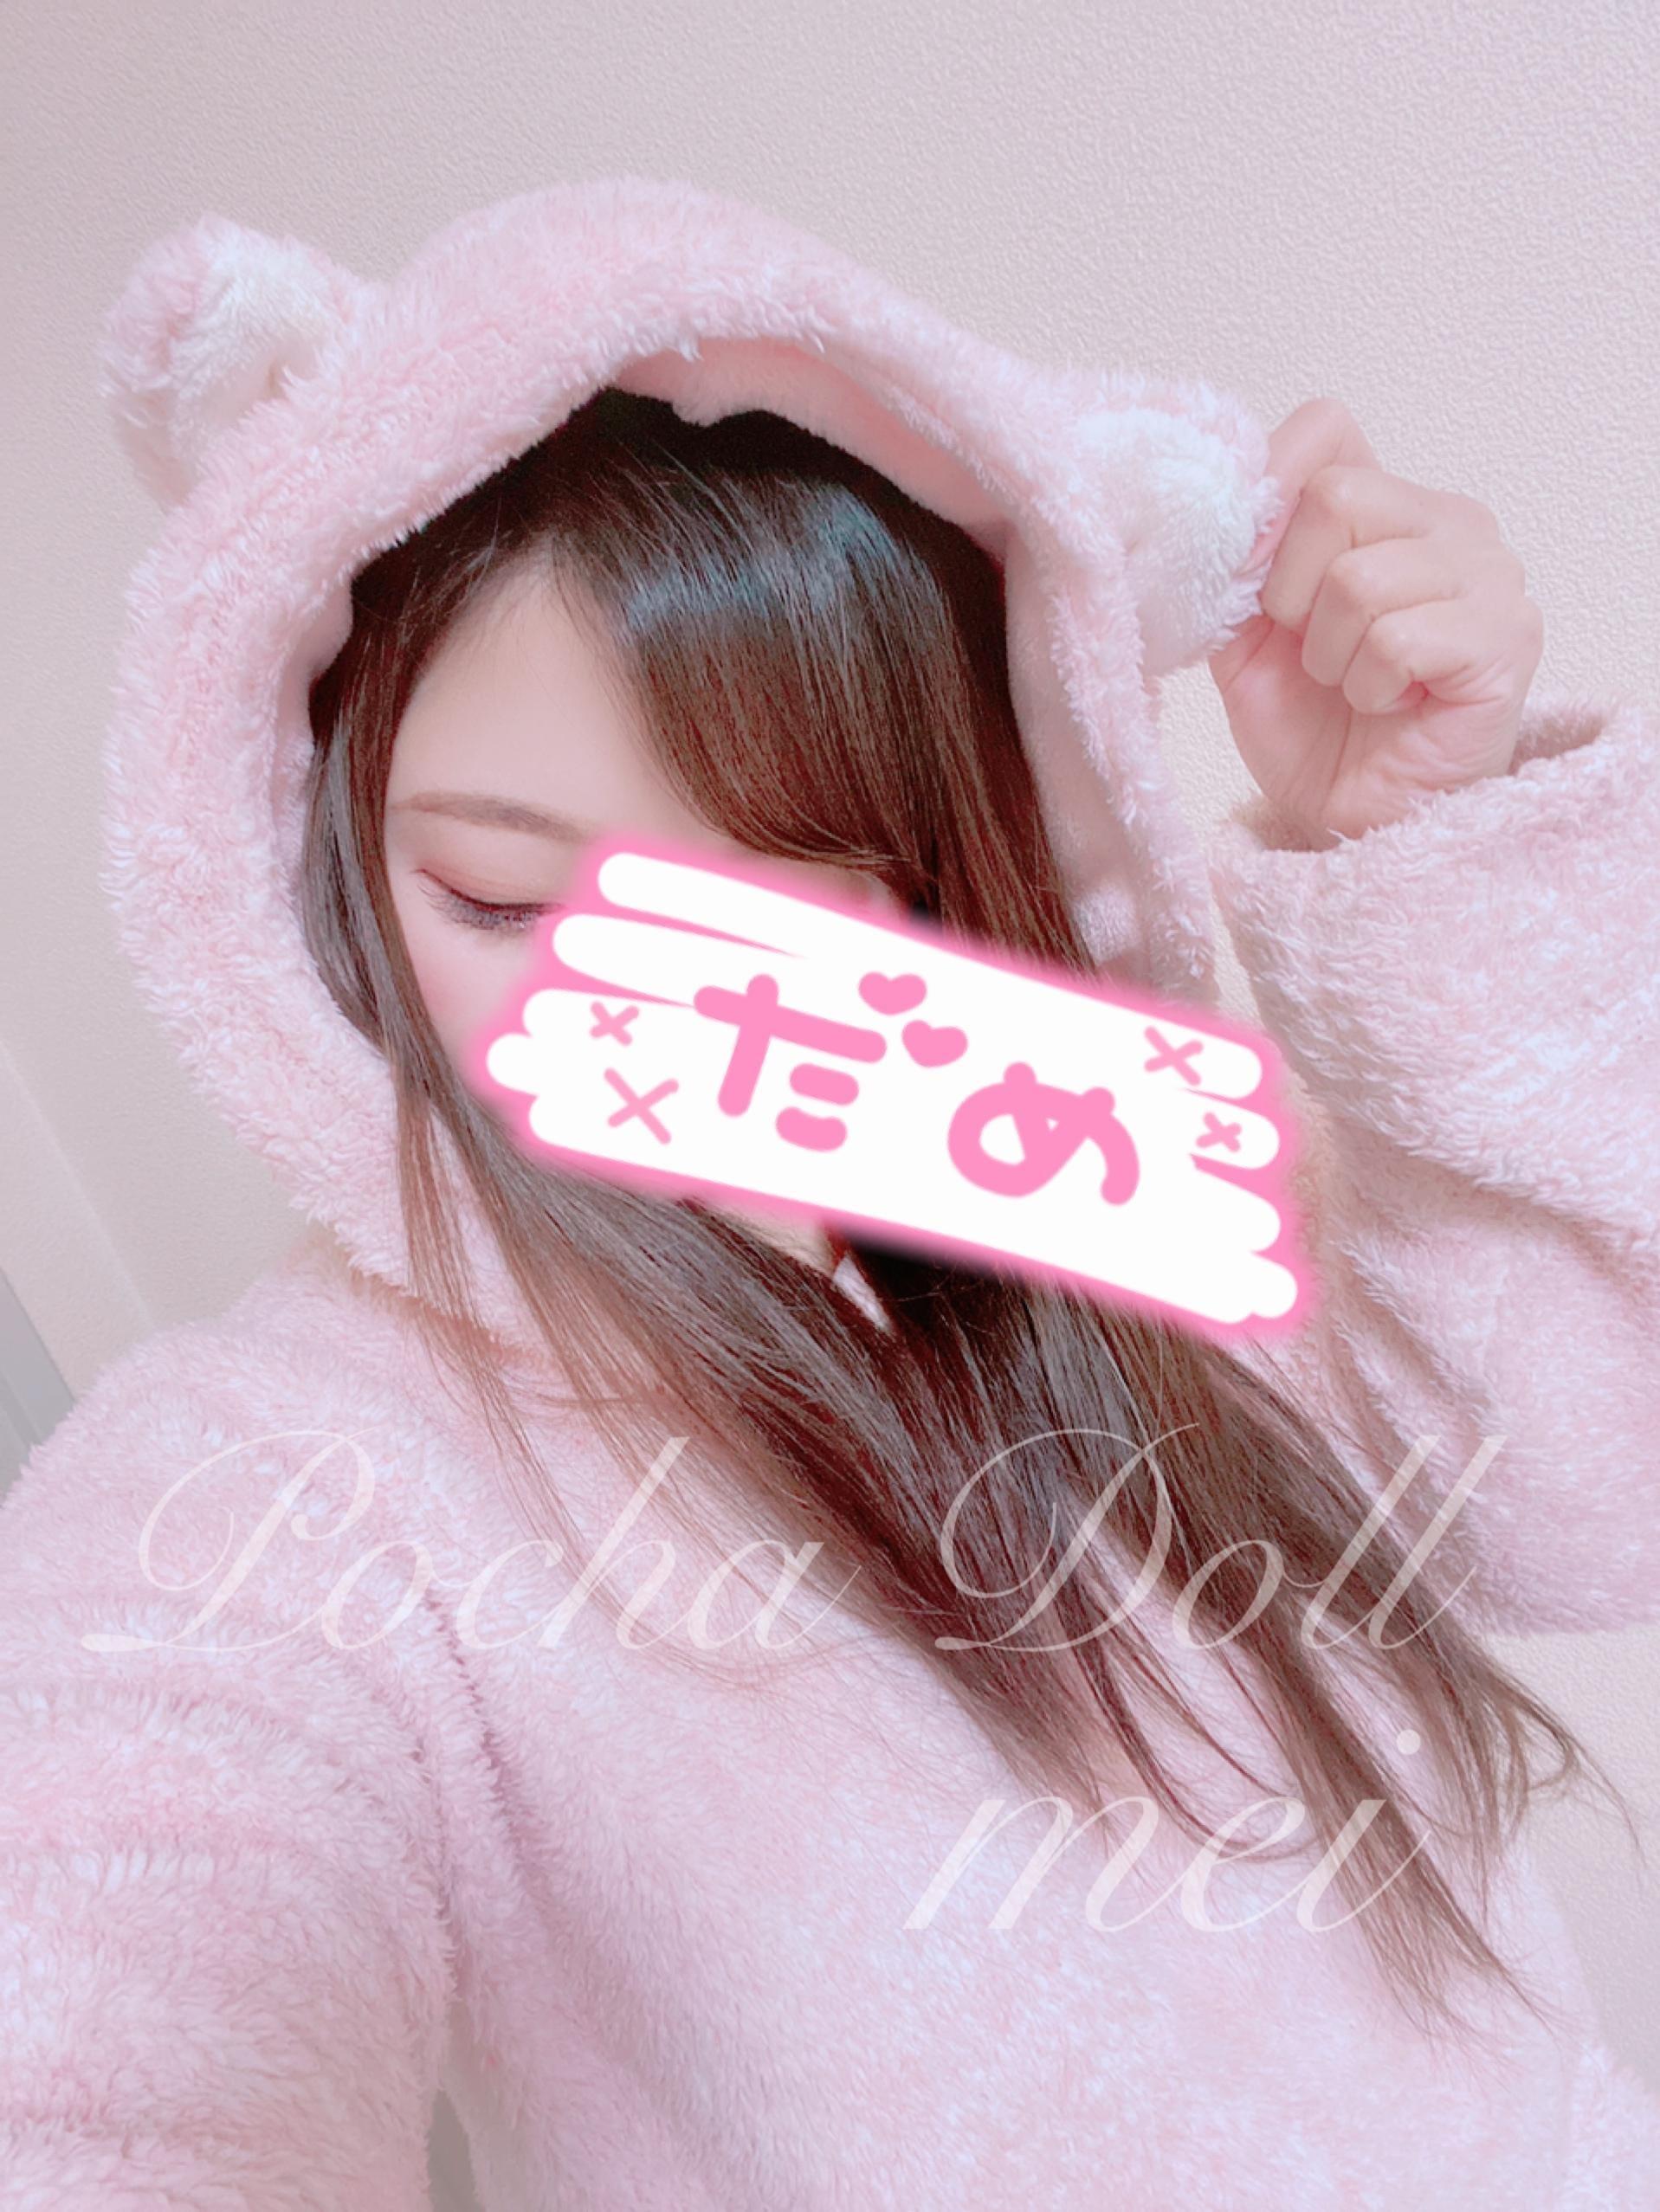 めい@極かわ萌声癒らし京天使|静岡県デリヘルの最新写メ日記